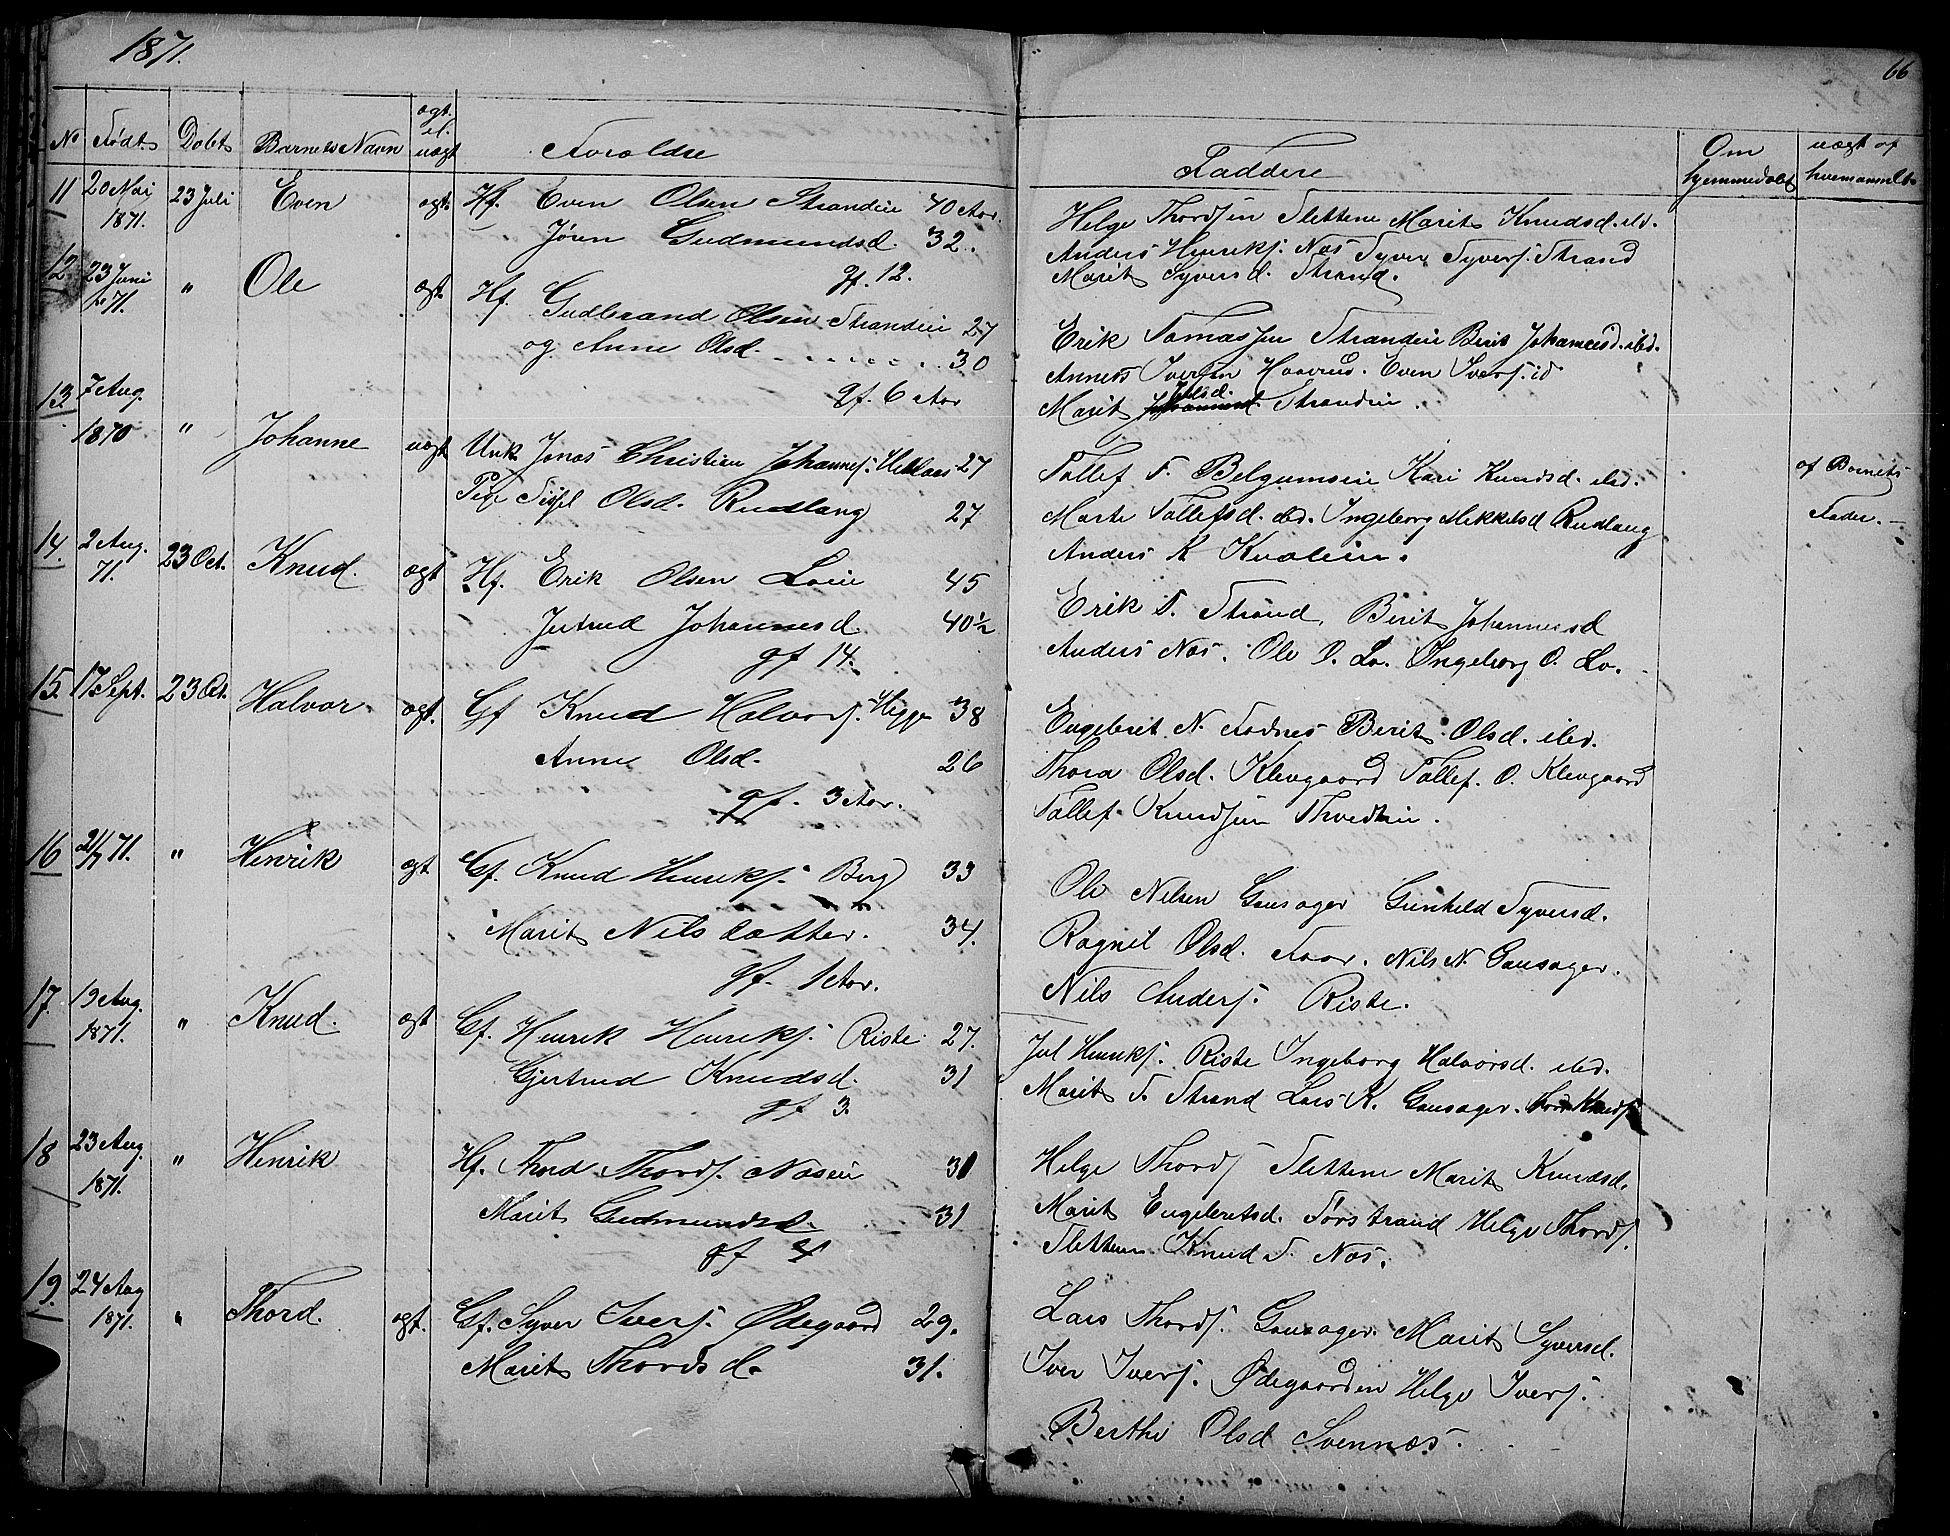 SAH, Nord-Aurdal prestekontor, Klokkerbok nr. 3, 1842-1882, s. 66